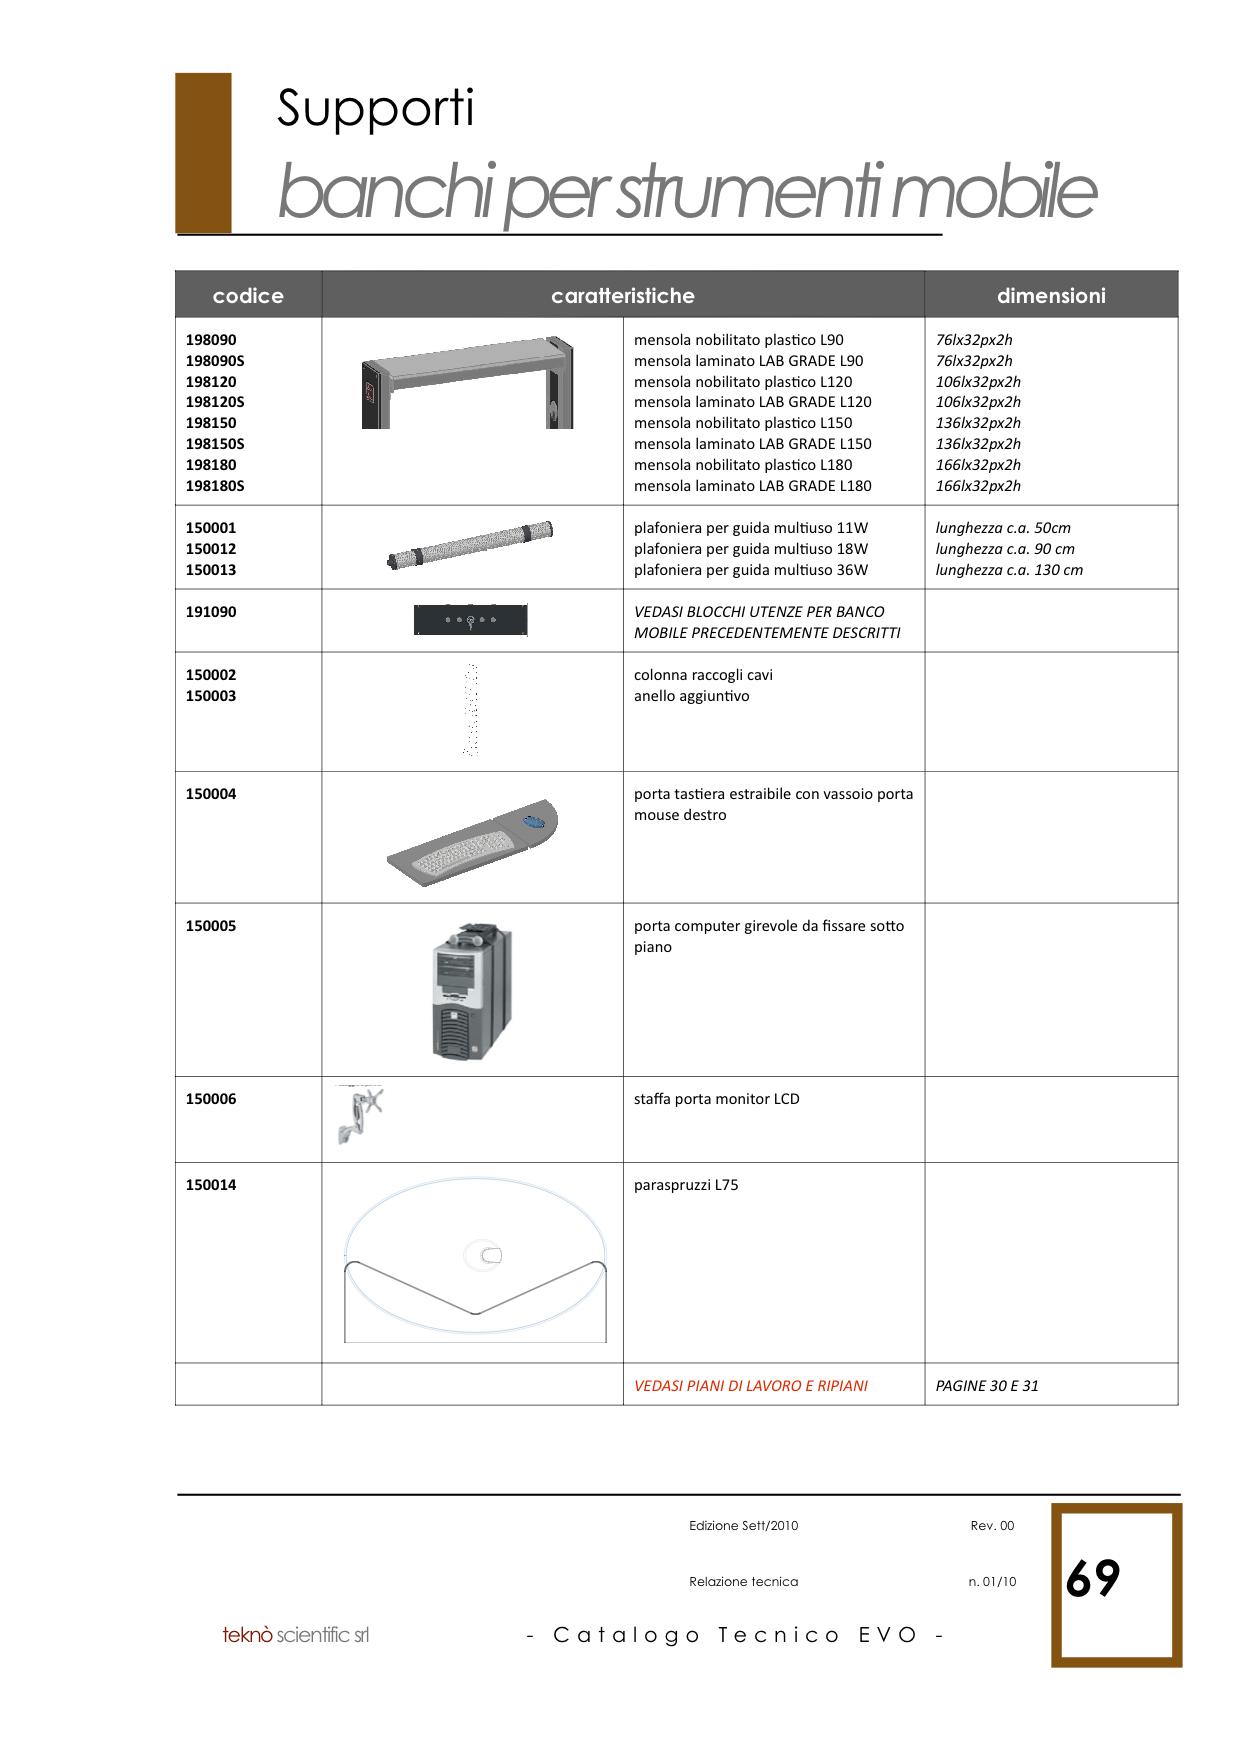 EVO Catalogo Tecnico Generale copia 69.png